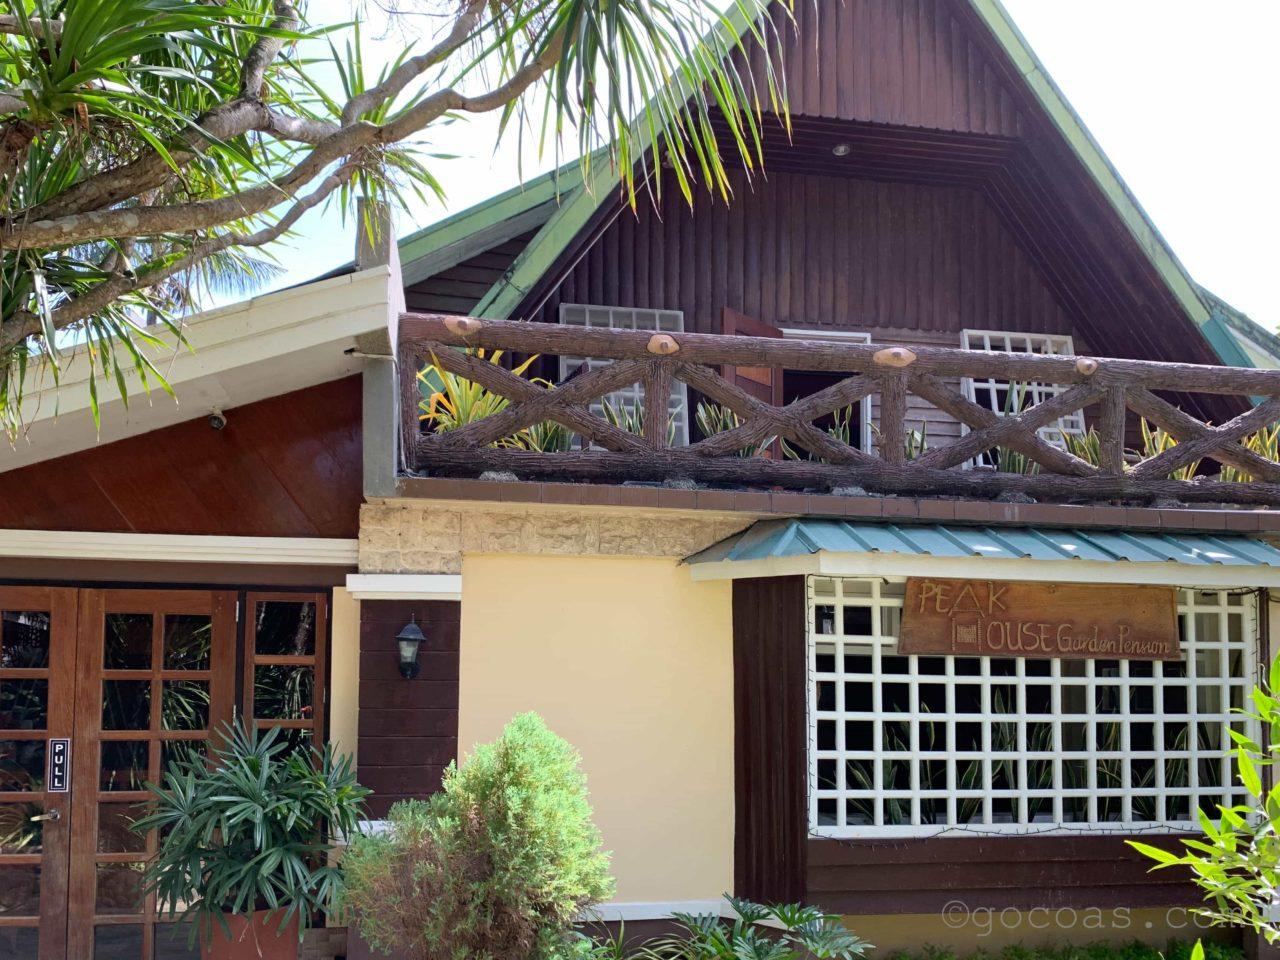 Peak House Garden外観